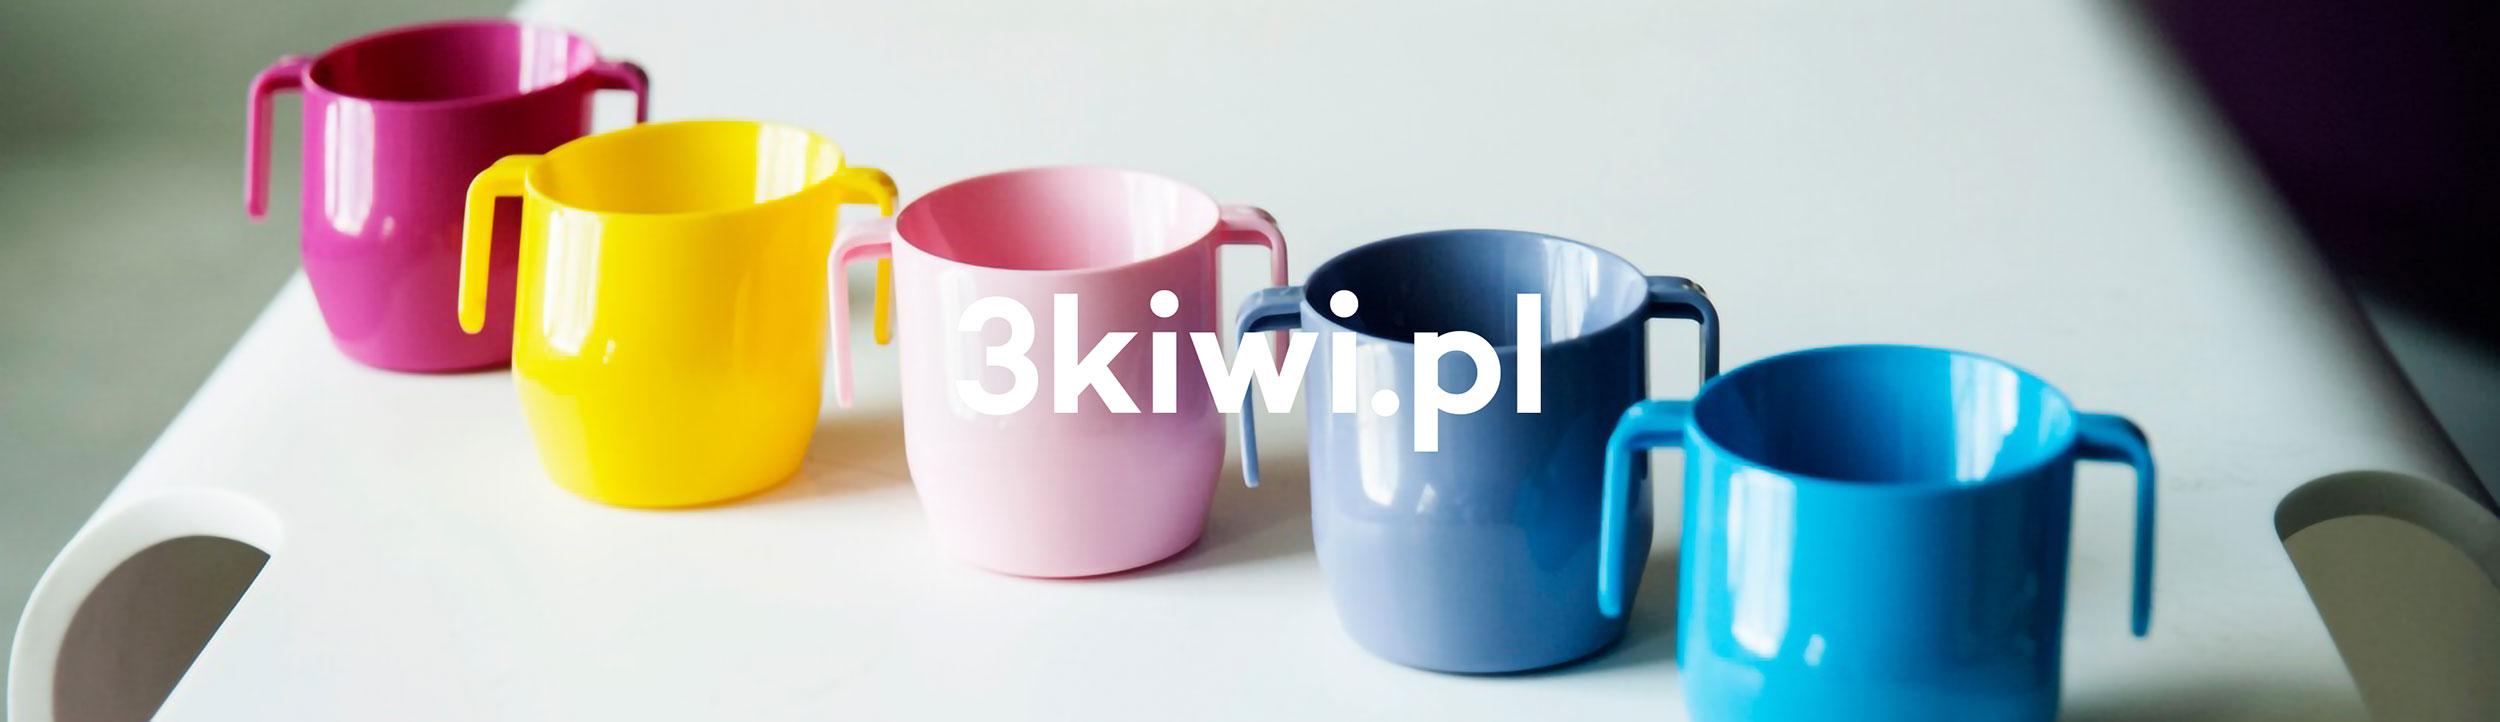 logopedyczny kubek dla dzieci kubek niekapek doidy cup 3kiwi wroclaw